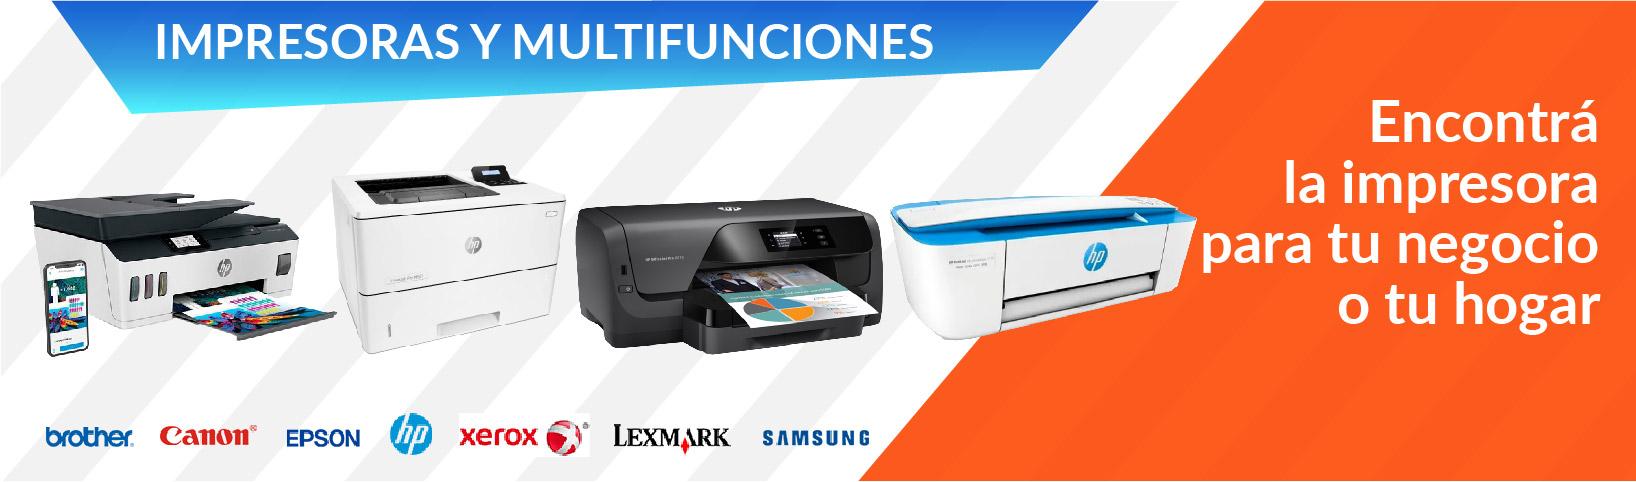 banner-impresoras2.jpg